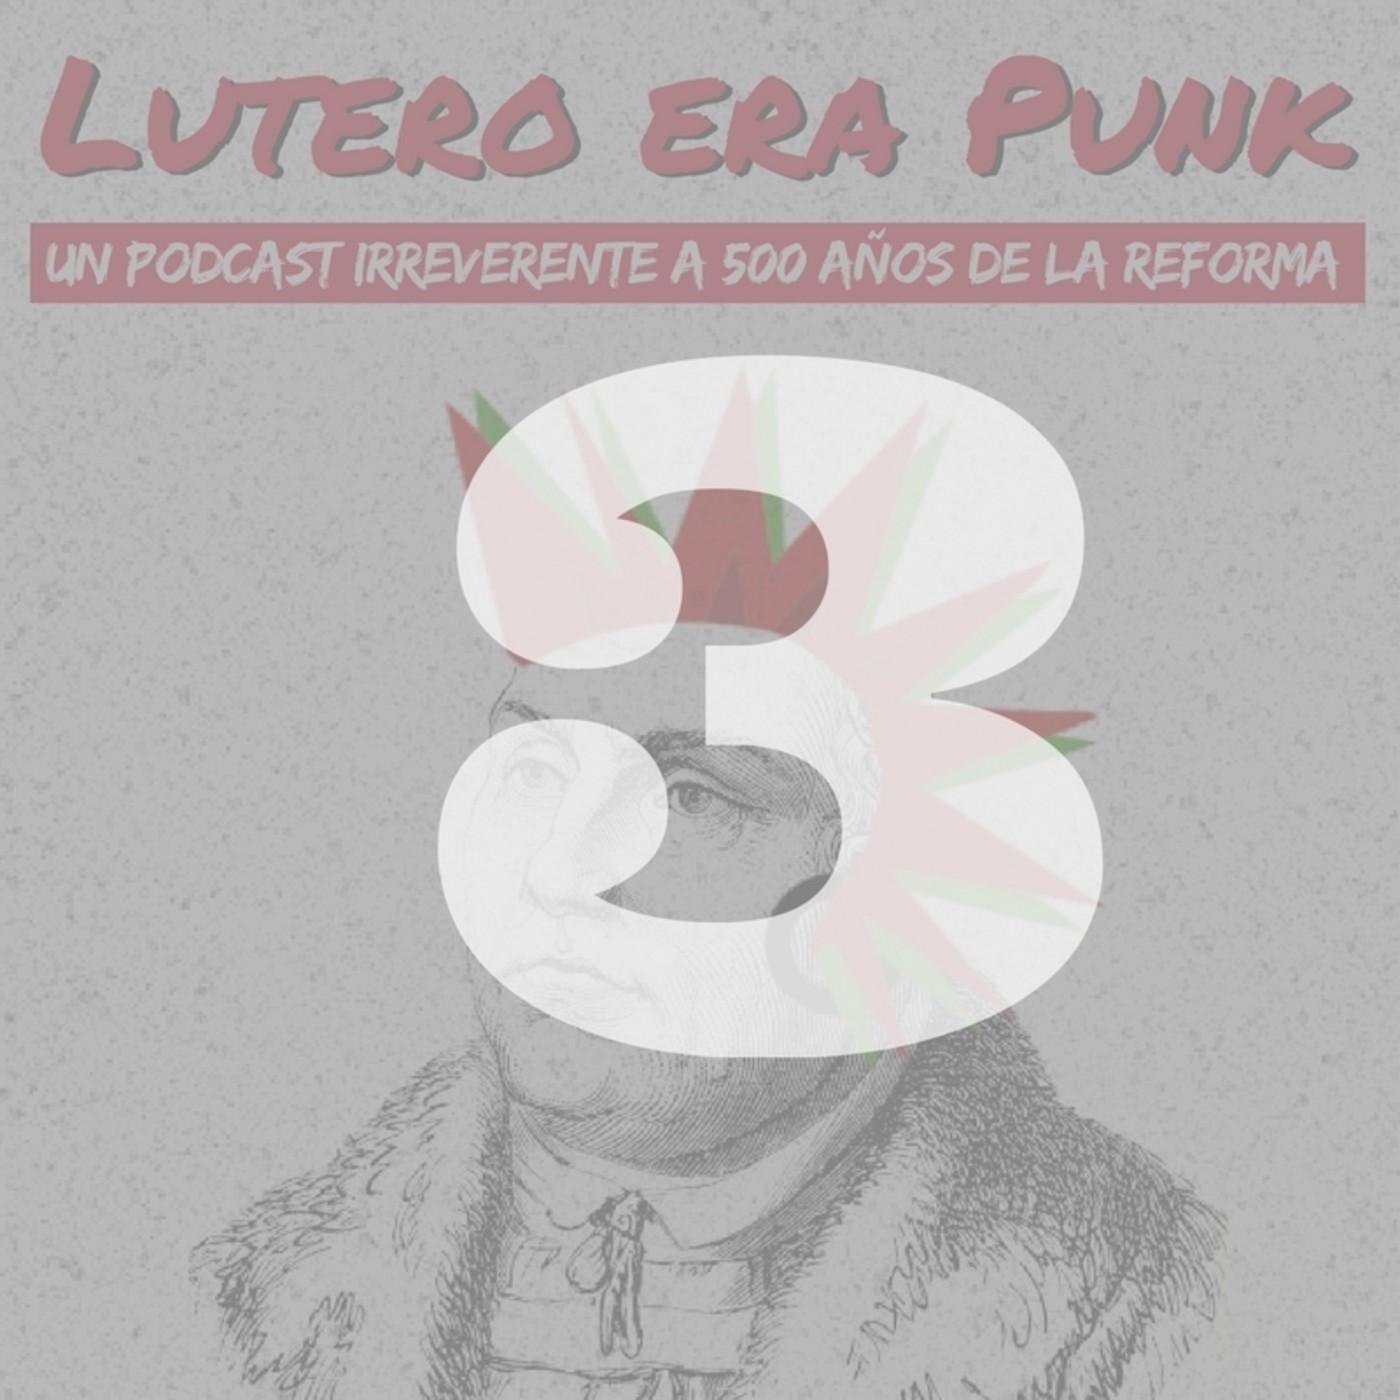 Lutero era punk | Capítulo 3